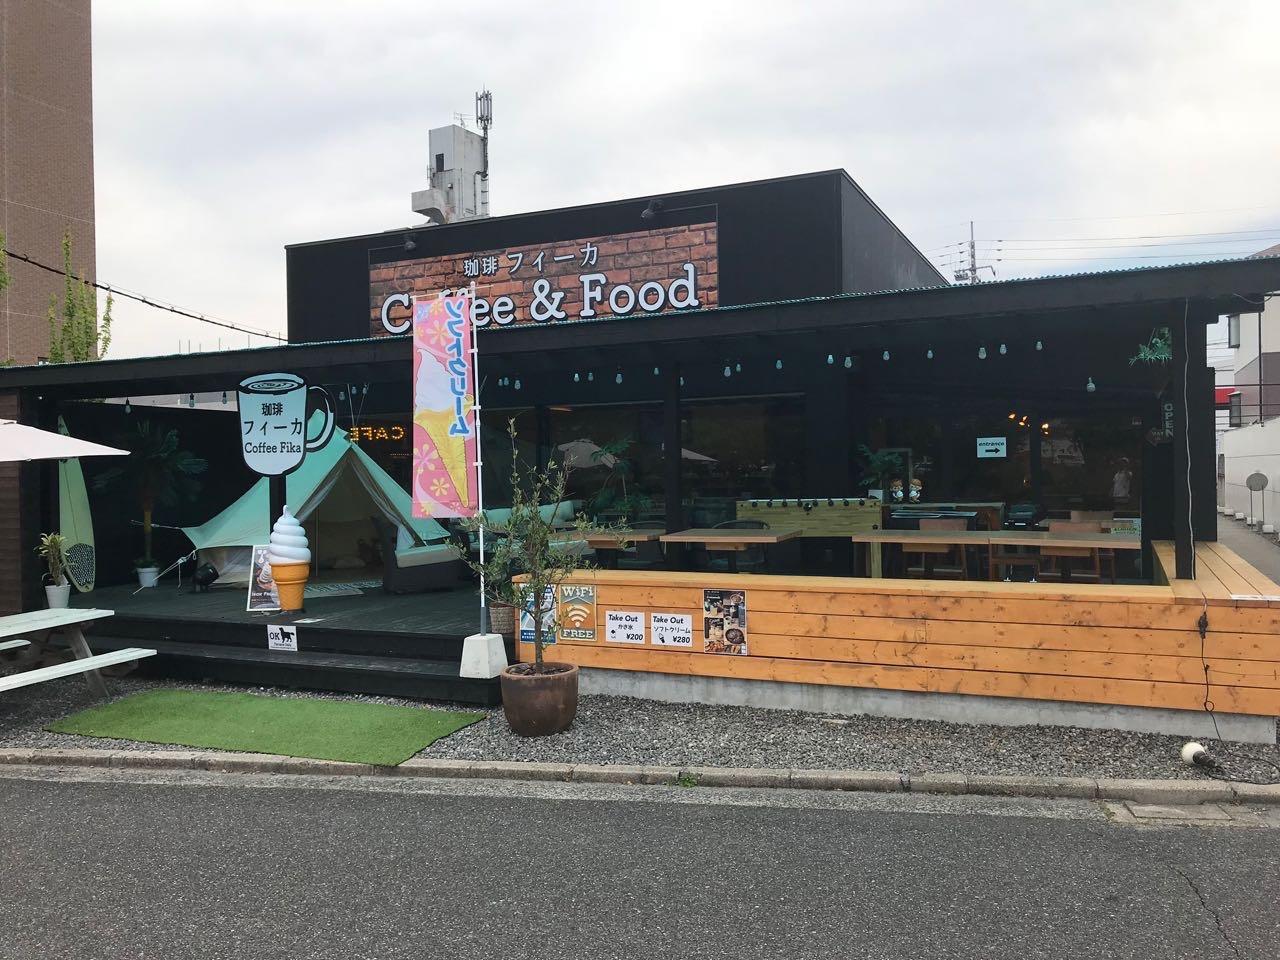 珈琲フィーカ(広島市安佐南区川内) ラーメン屋さんと併設したカフェはBBQも可能なオシャレスポット。